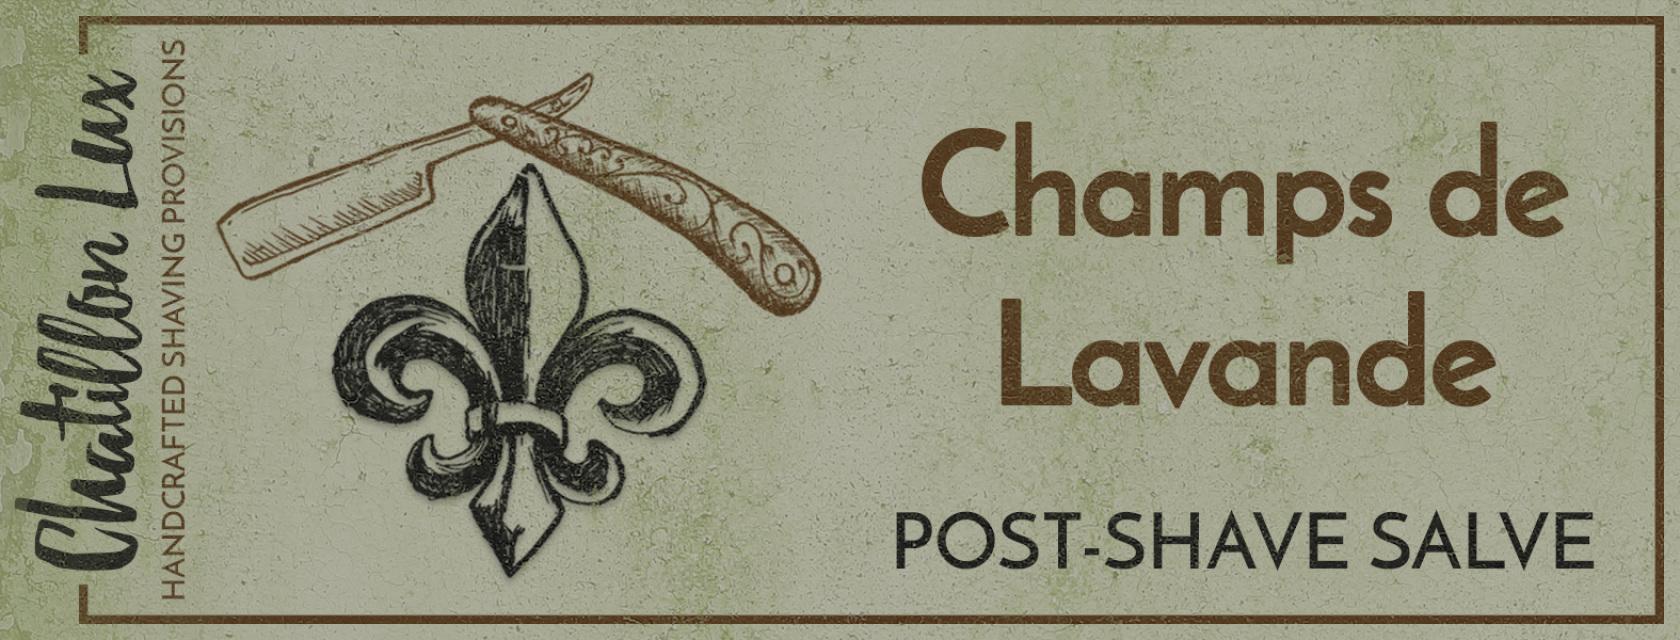 Chatillon Lux - Champs de Lavande - Salve image